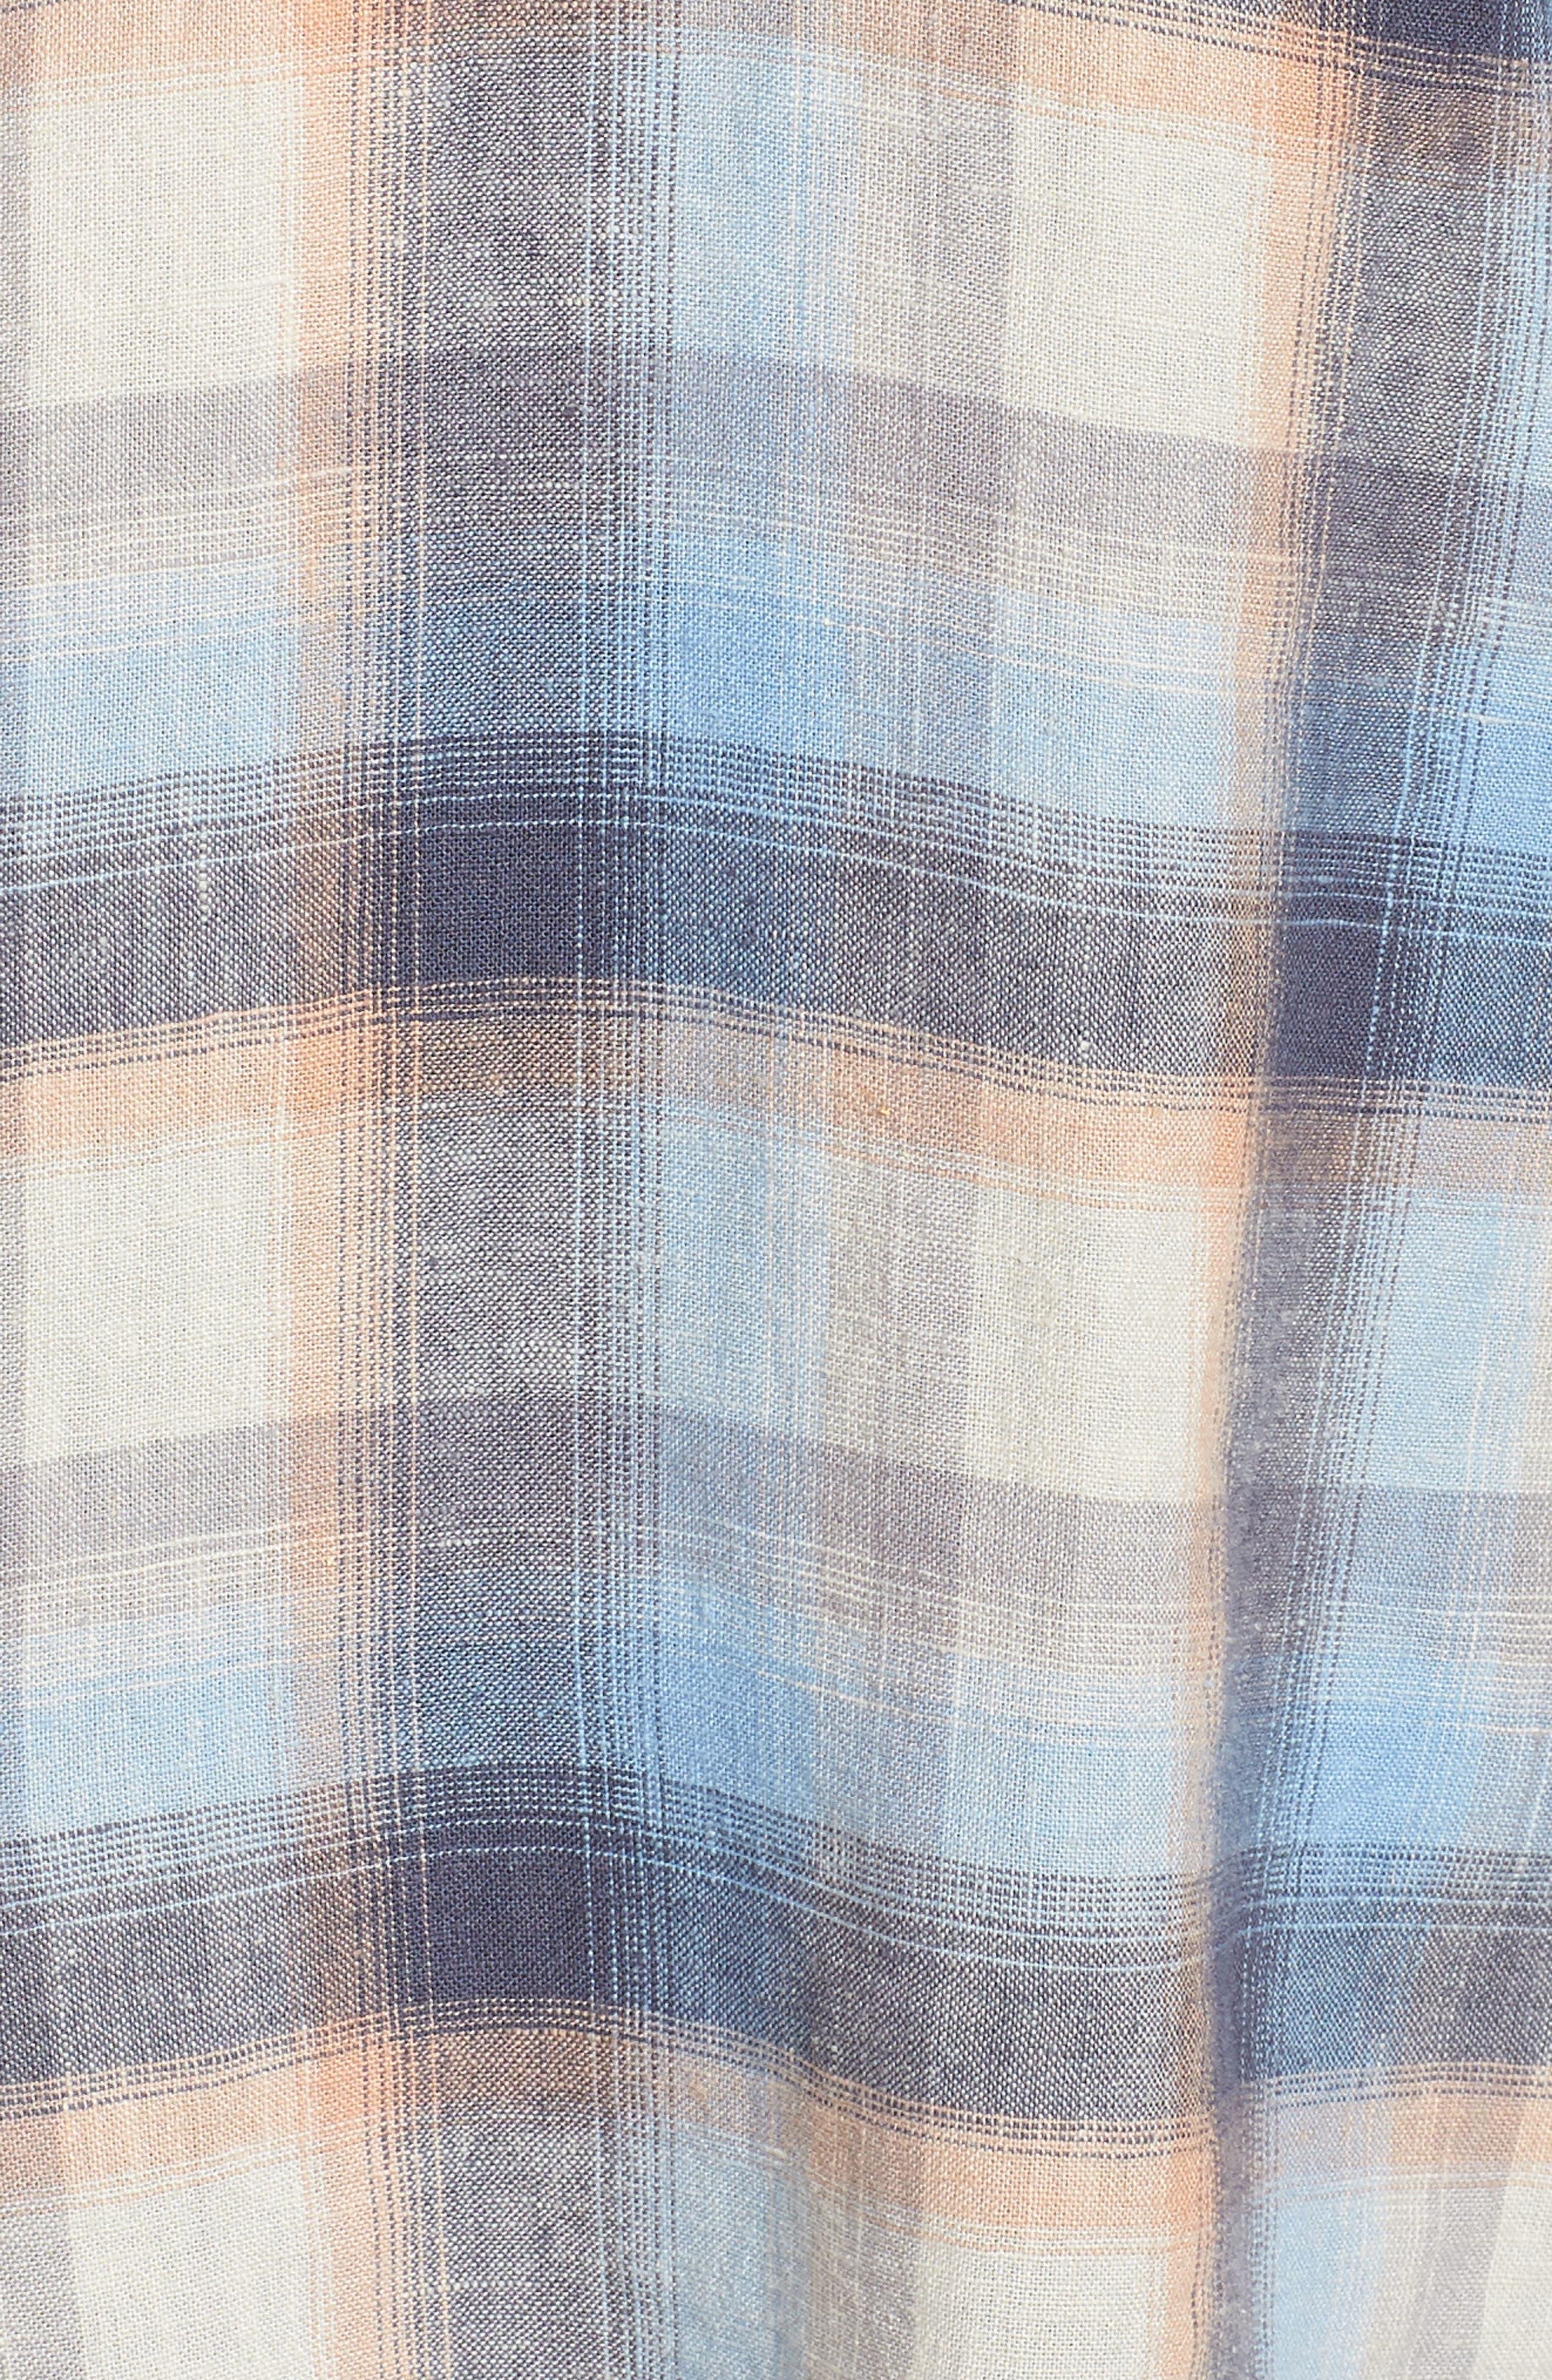 Plaid Linen Blend Shirt,                             Alternate thumbnail 6, color,                             Blue Plaid